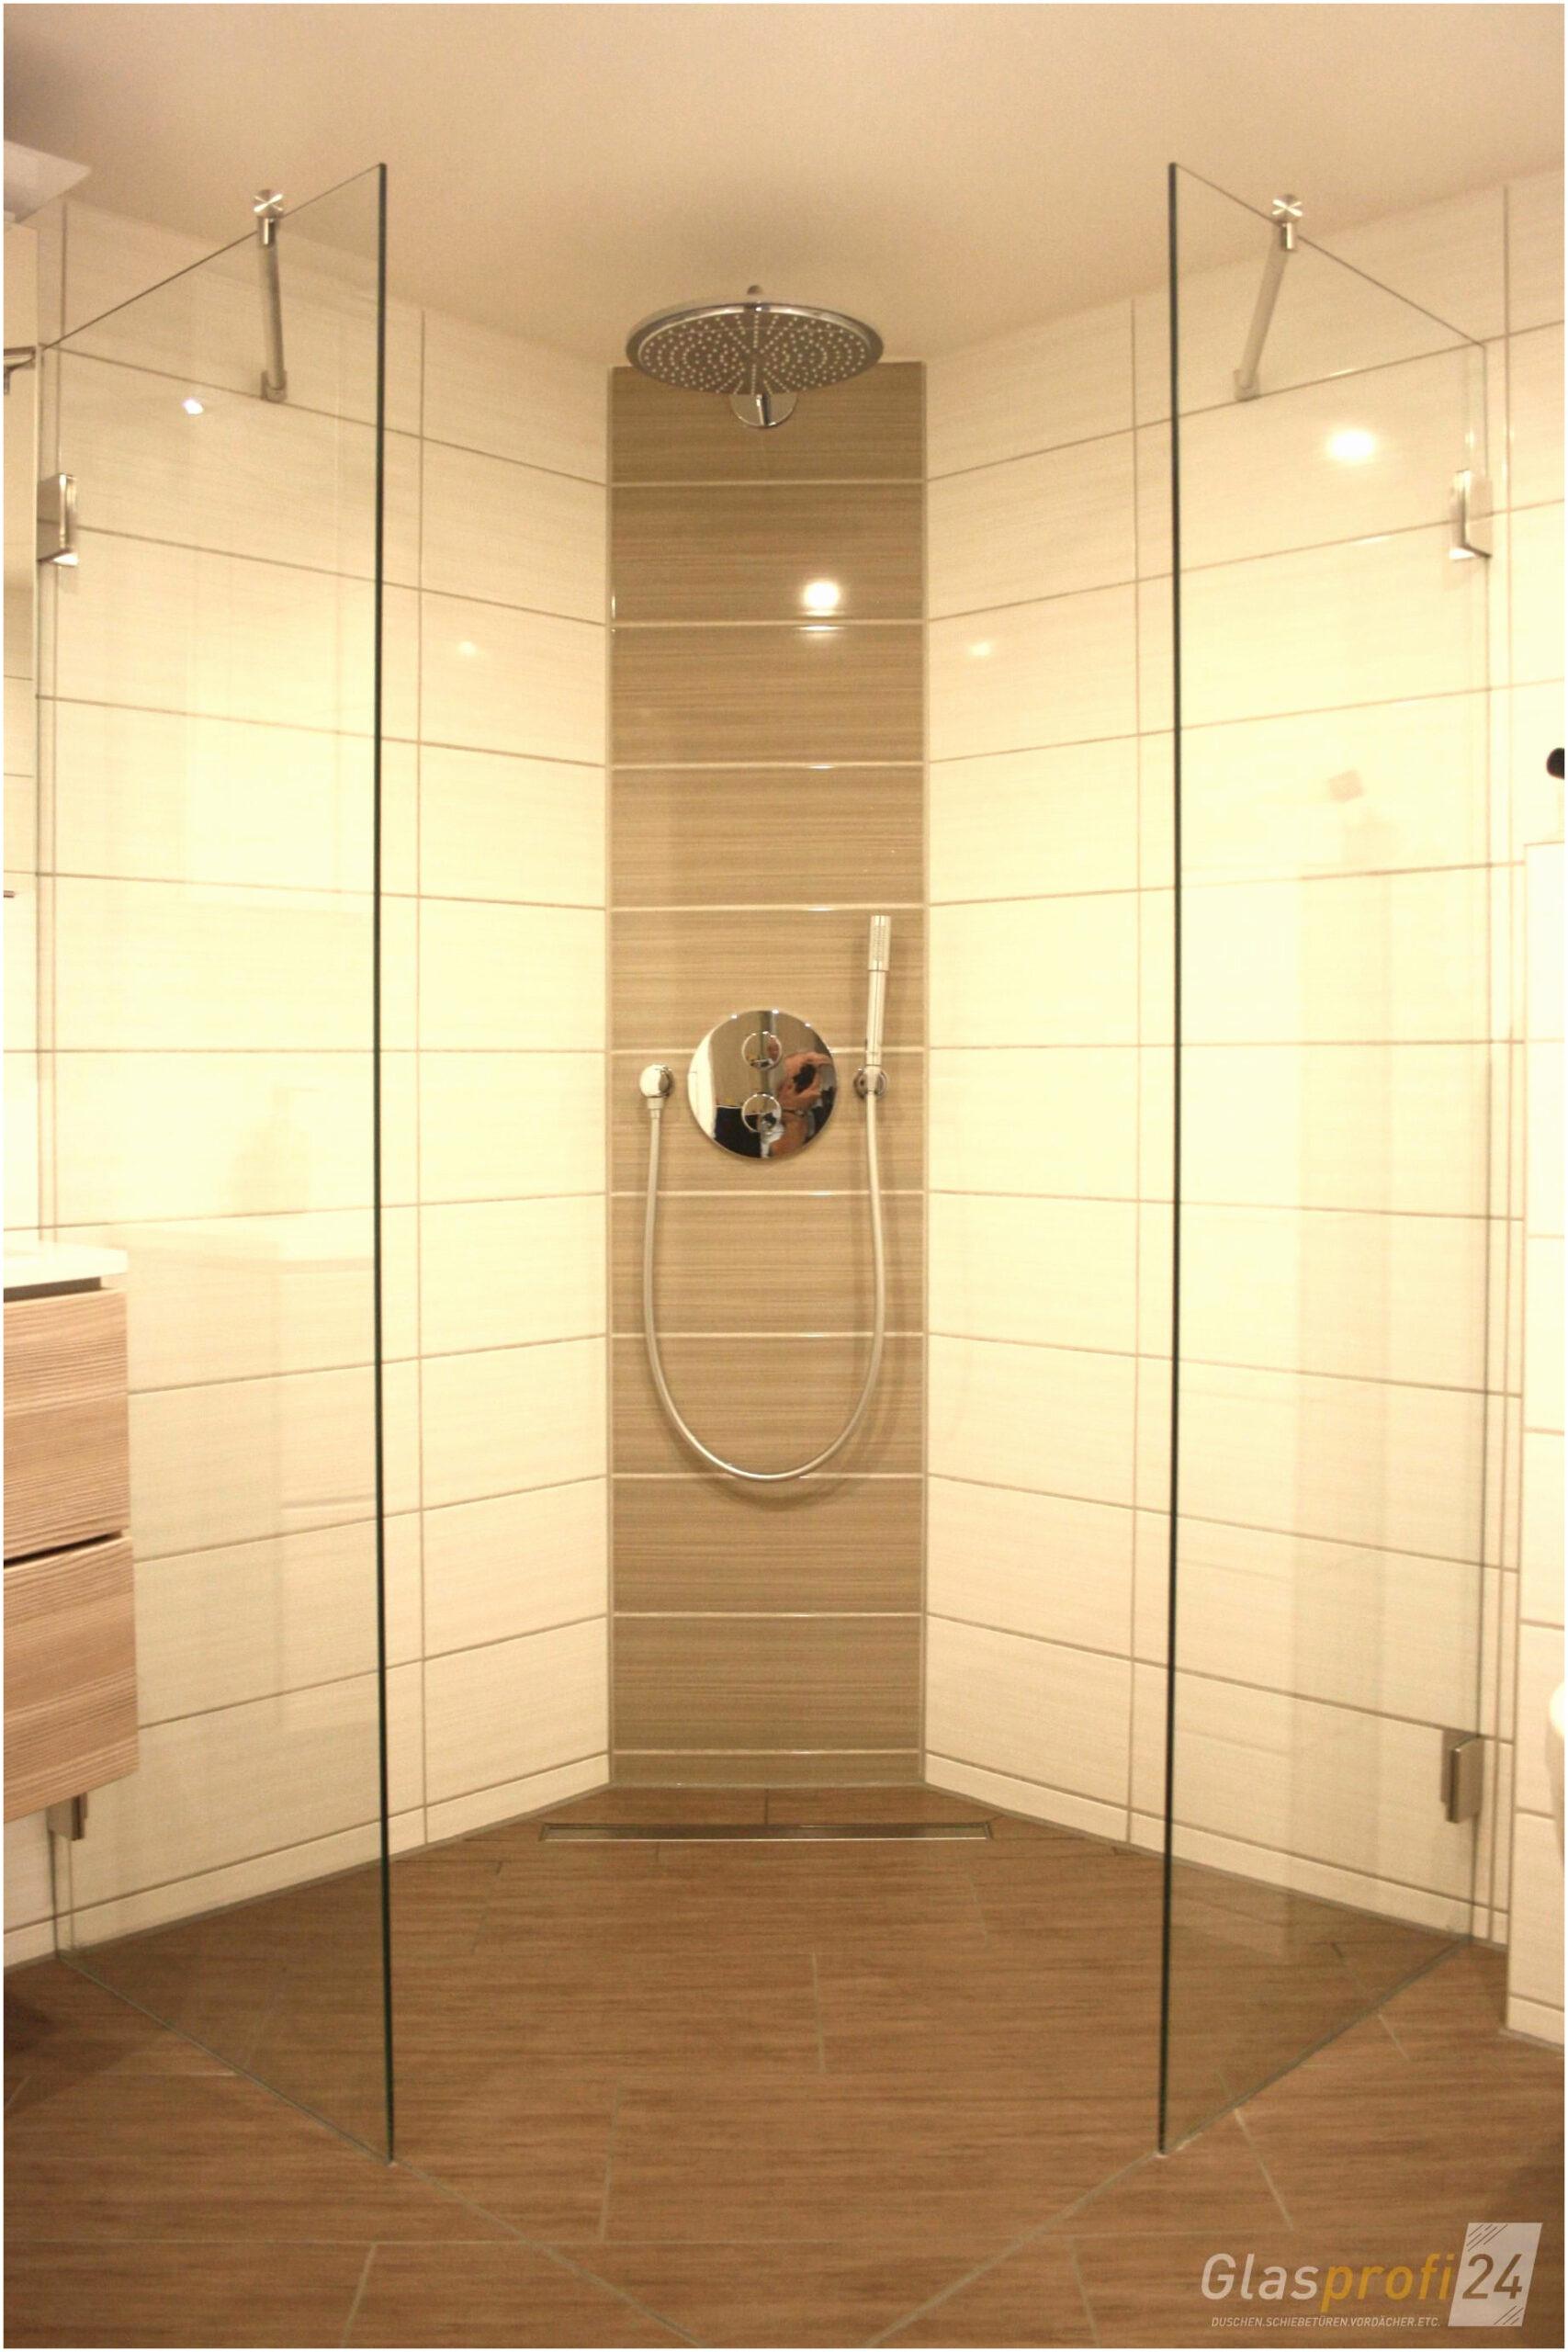 Full Size of Badezimmer Kosten Raindance Dusche Küche Ikea Duschen Kaufen Hüppe Barrierefreie Badewanne Mit Lärmschutzwand Garten Grohe Bluetooth Lautsprecher Fenster Dusche Ebenerdige Dusche Kosten